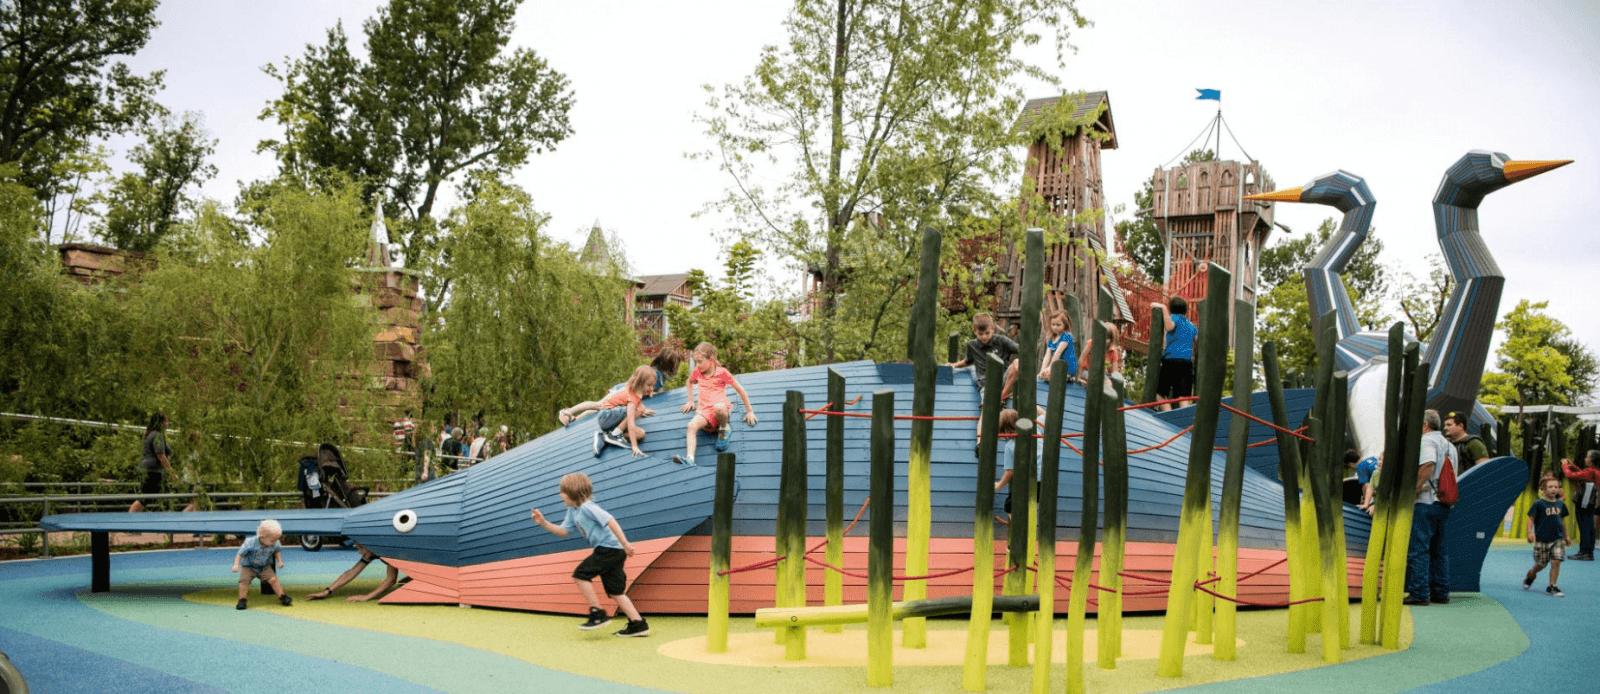 Monstrum playground in Oklahoma, USA. Image ©Monstrum.